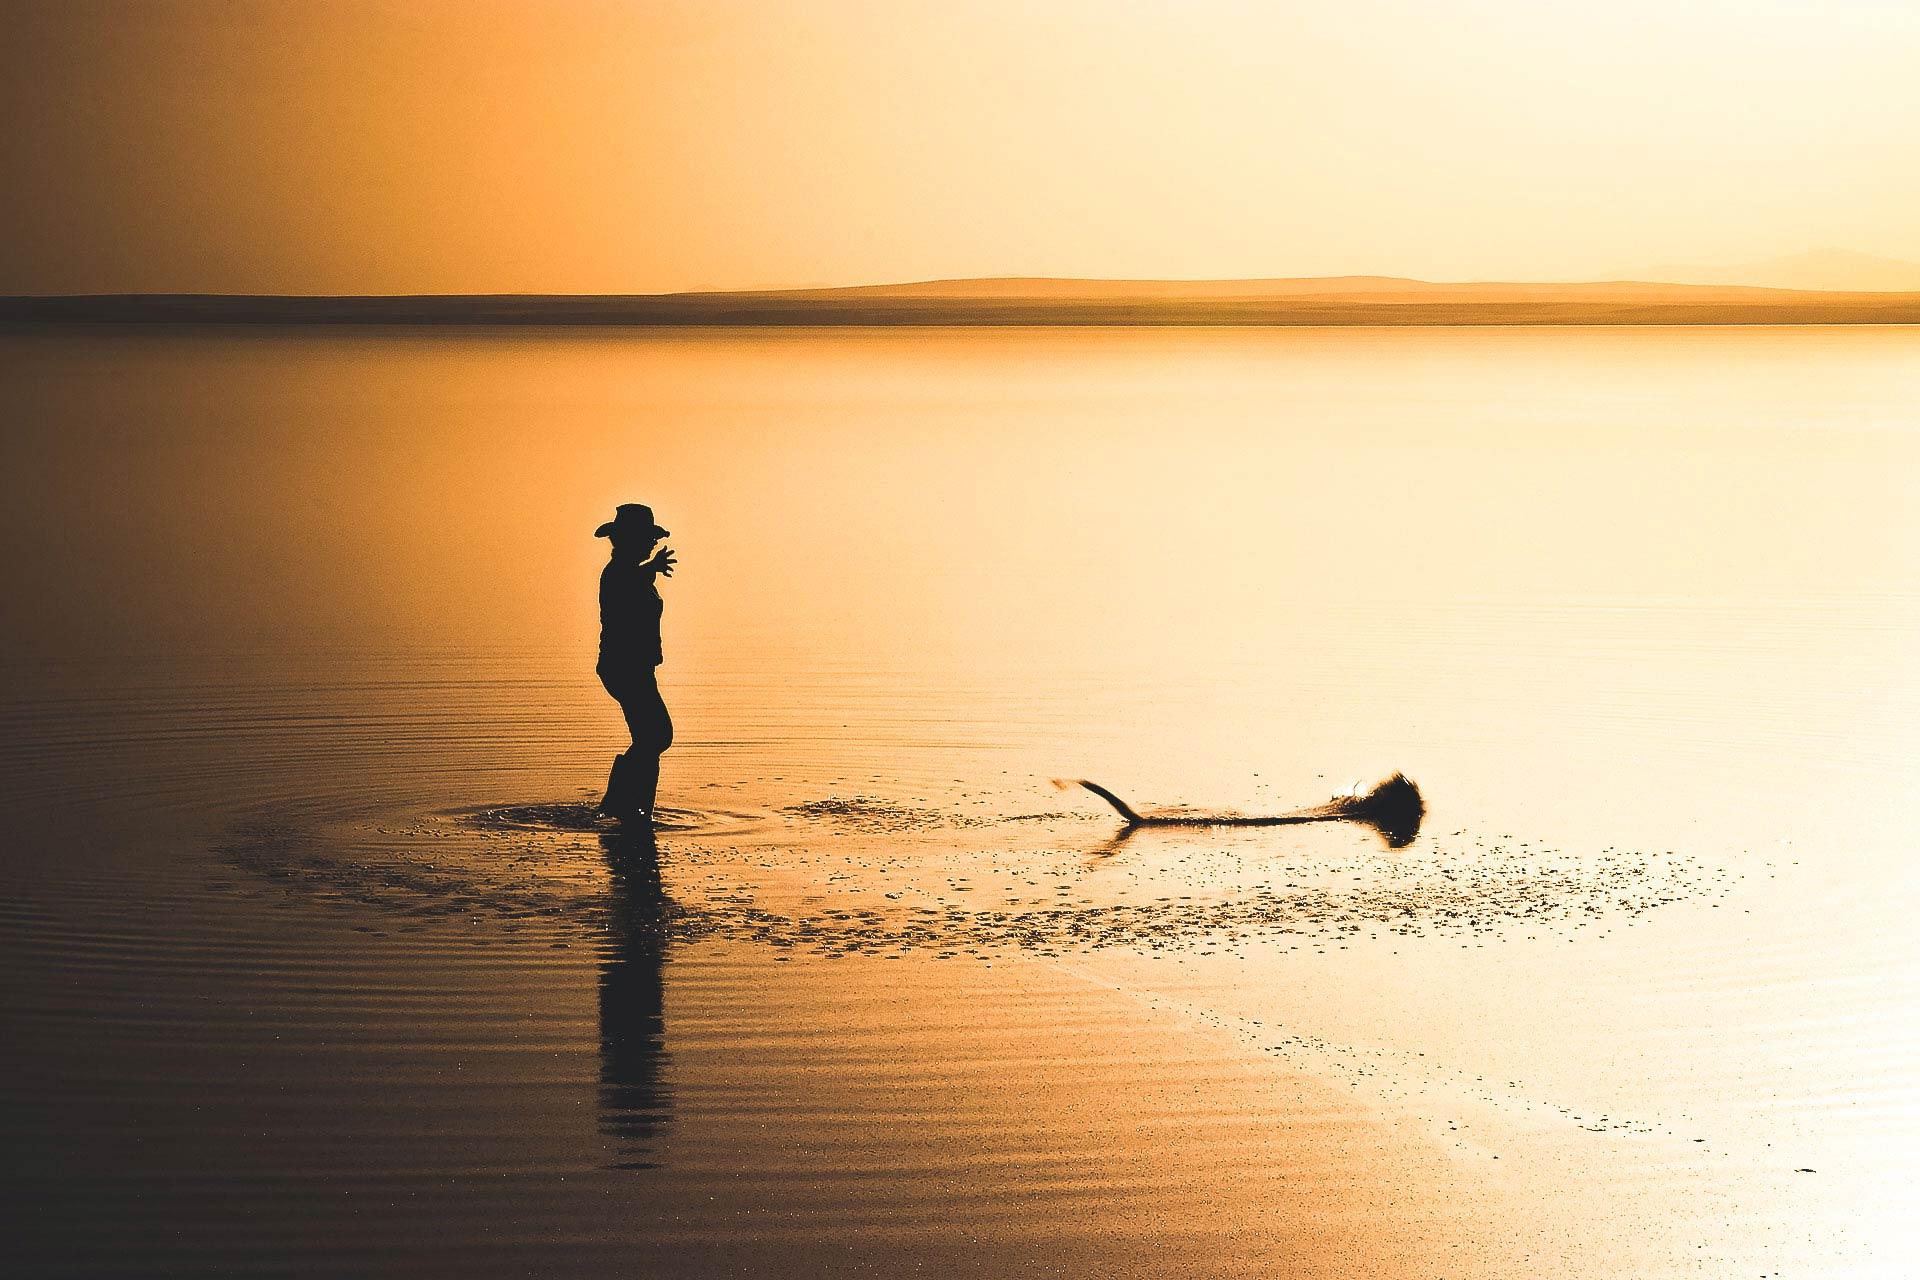 Tuz Gölü Fotoğrafları Tuz gölü resimleri Sunset Gün batımında ağ atan kadın Çekergezer Hakan Aydın Fotoğrafları Tuz Gölü görselleri